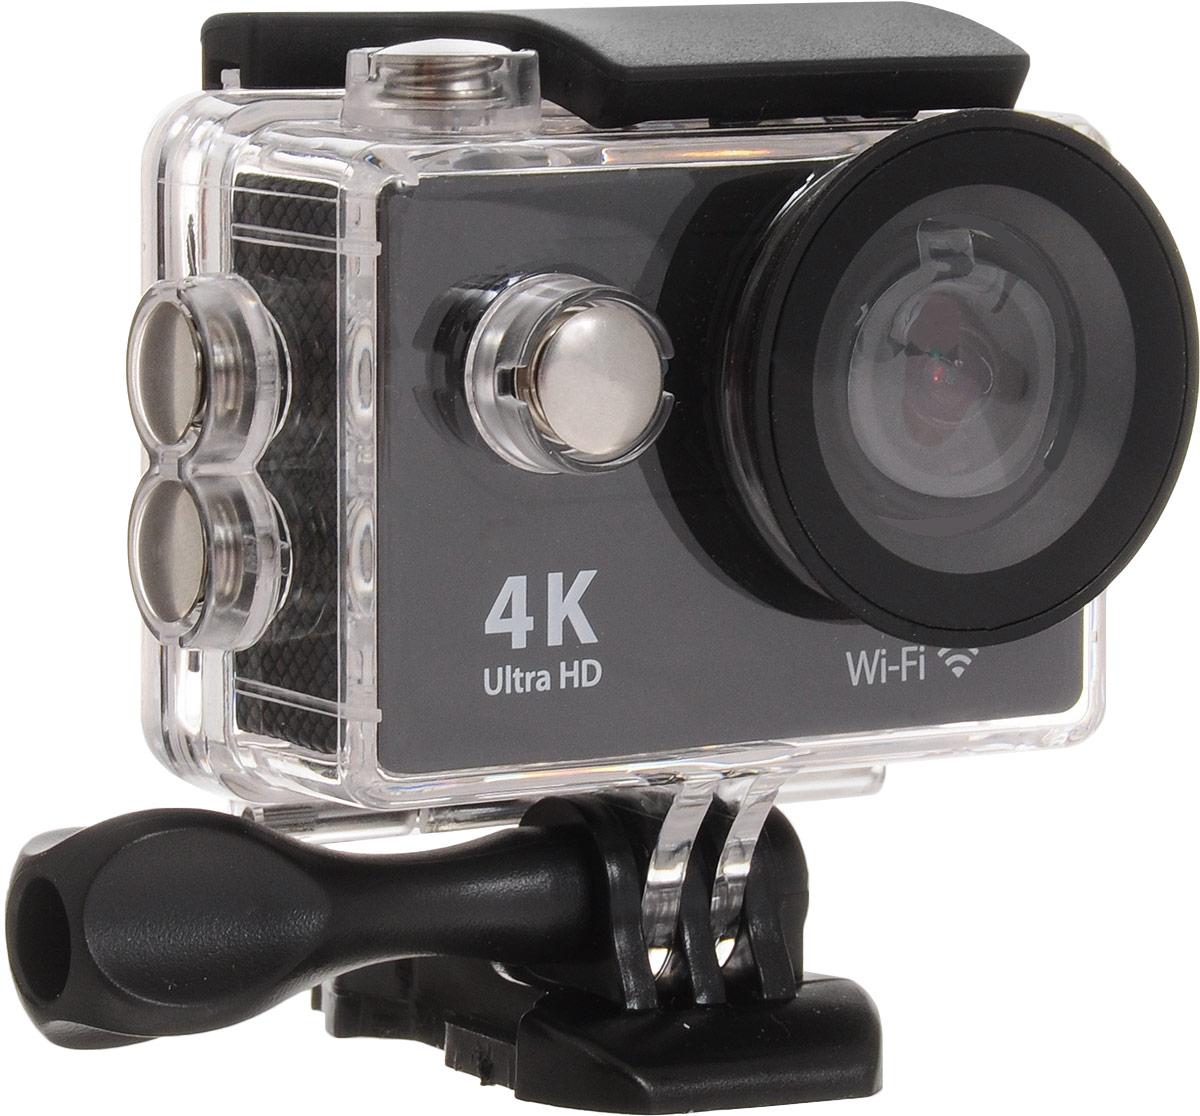 Eken H9R Ultra HD экшн-камераH9RЭкшн-камера Eken H9R Ultra HD позволяет записывать видео с разрешением 4К и очень плавным изображением до 30 кадров в секунду. Камера оснащена 2 TFT LCD экраном. Эта модель сделана для любителей спорта на улице, подводного плавания, скейтбординга, скай-дайвинга, скалолазания, бега или охоты. Снимайте с руки, на велосипеде, в машине и где угодно. По сравнению с предыдущими версиями, в Eken H9R Ultra HD вы найдете уменьшенные размеры корпуса, увеличенный до 2-х дюймов экран, невероятную оптику и фантастическое разрешение изображения при съемке 30 кадров в секунду! Управляйте вашей H9R на своем смартфоне или планшете. Приложение Ez iCam App позволяет работать с браузером и наблюдать все то, что видит ваша камера. В комплекте с камерой идет пульт ДУ работающий на частоте 2,4 Ггц. Он позволяет начинать и заканчивать съемку удаленно.